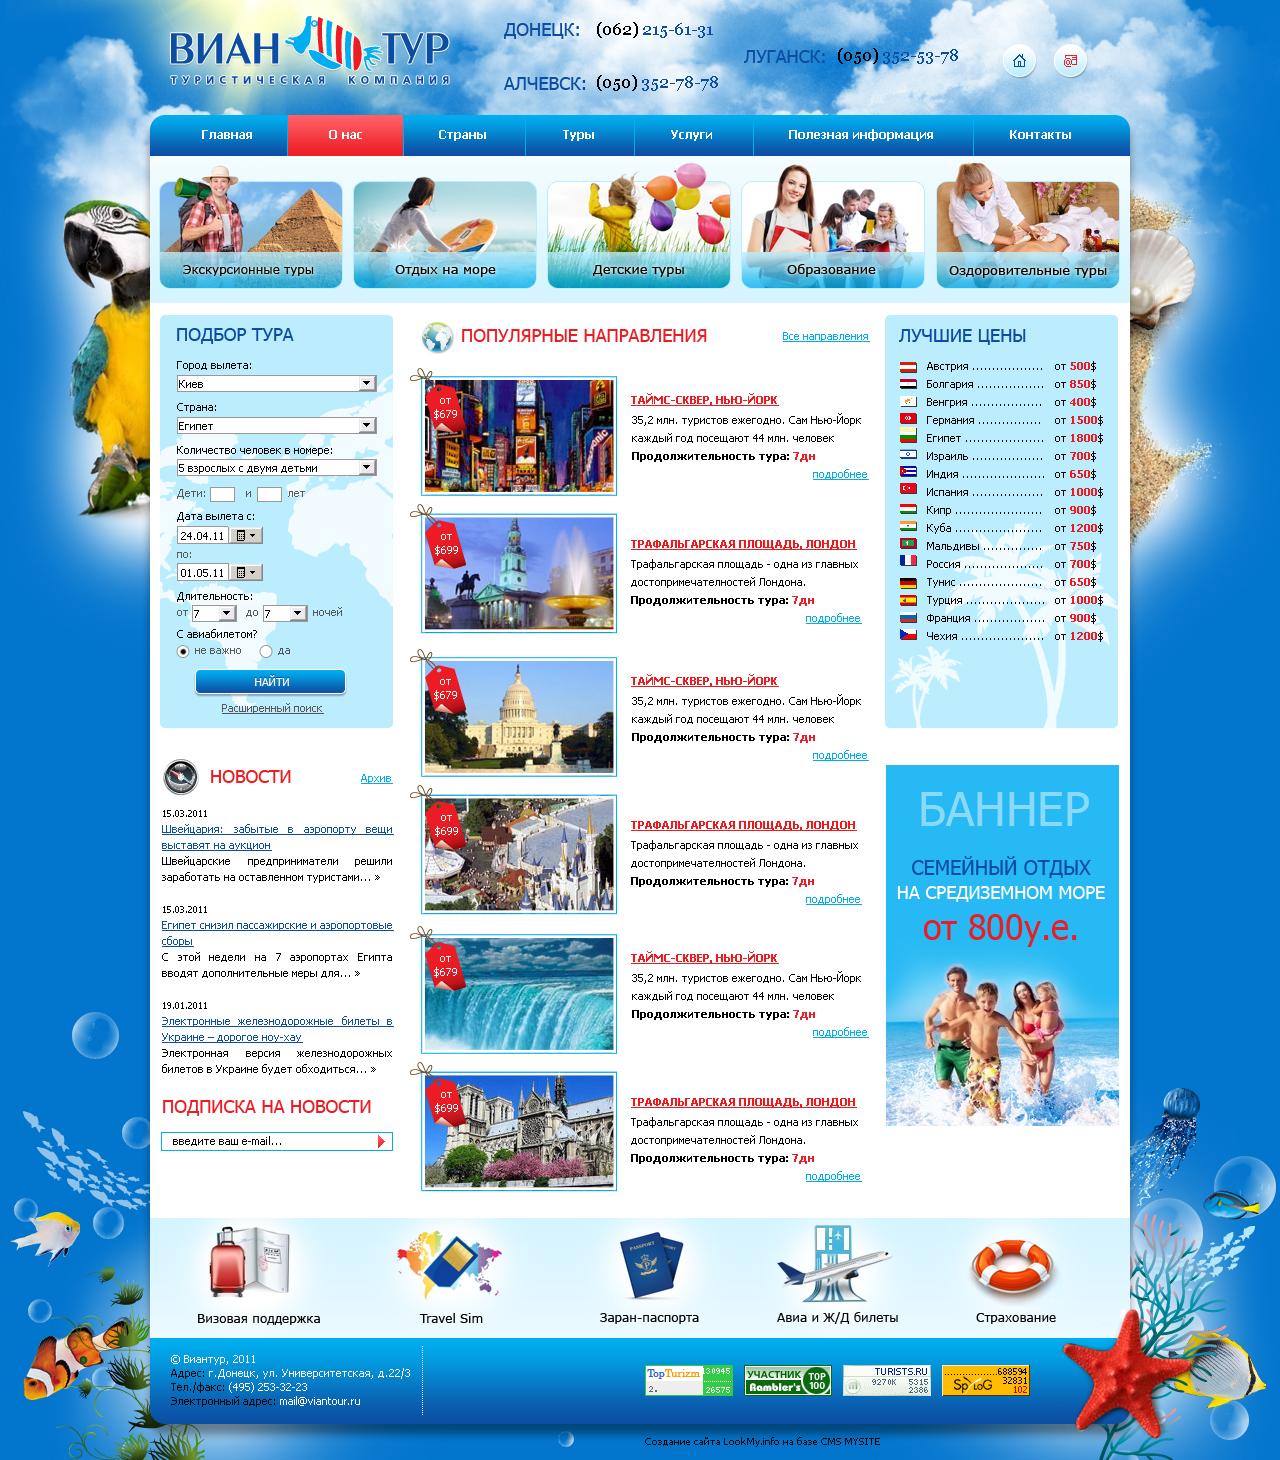 Создание и разработка сайта Донецк - Туристическая компания ВИАНТУР